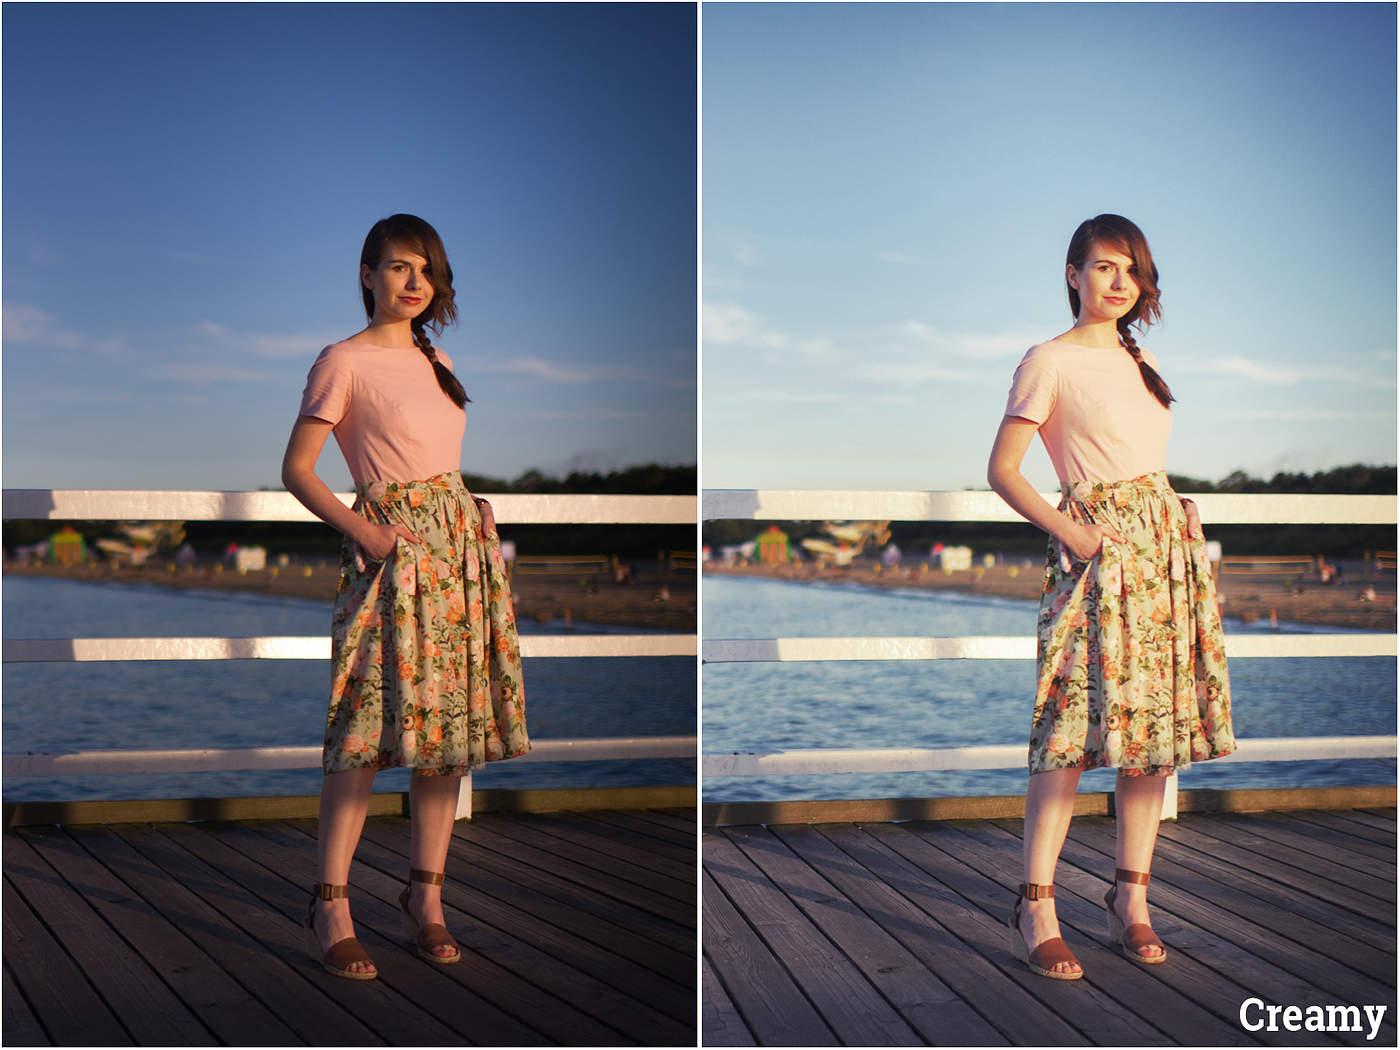 Szybka obróbka zdjęć w Lightroom + Color Efex Pro